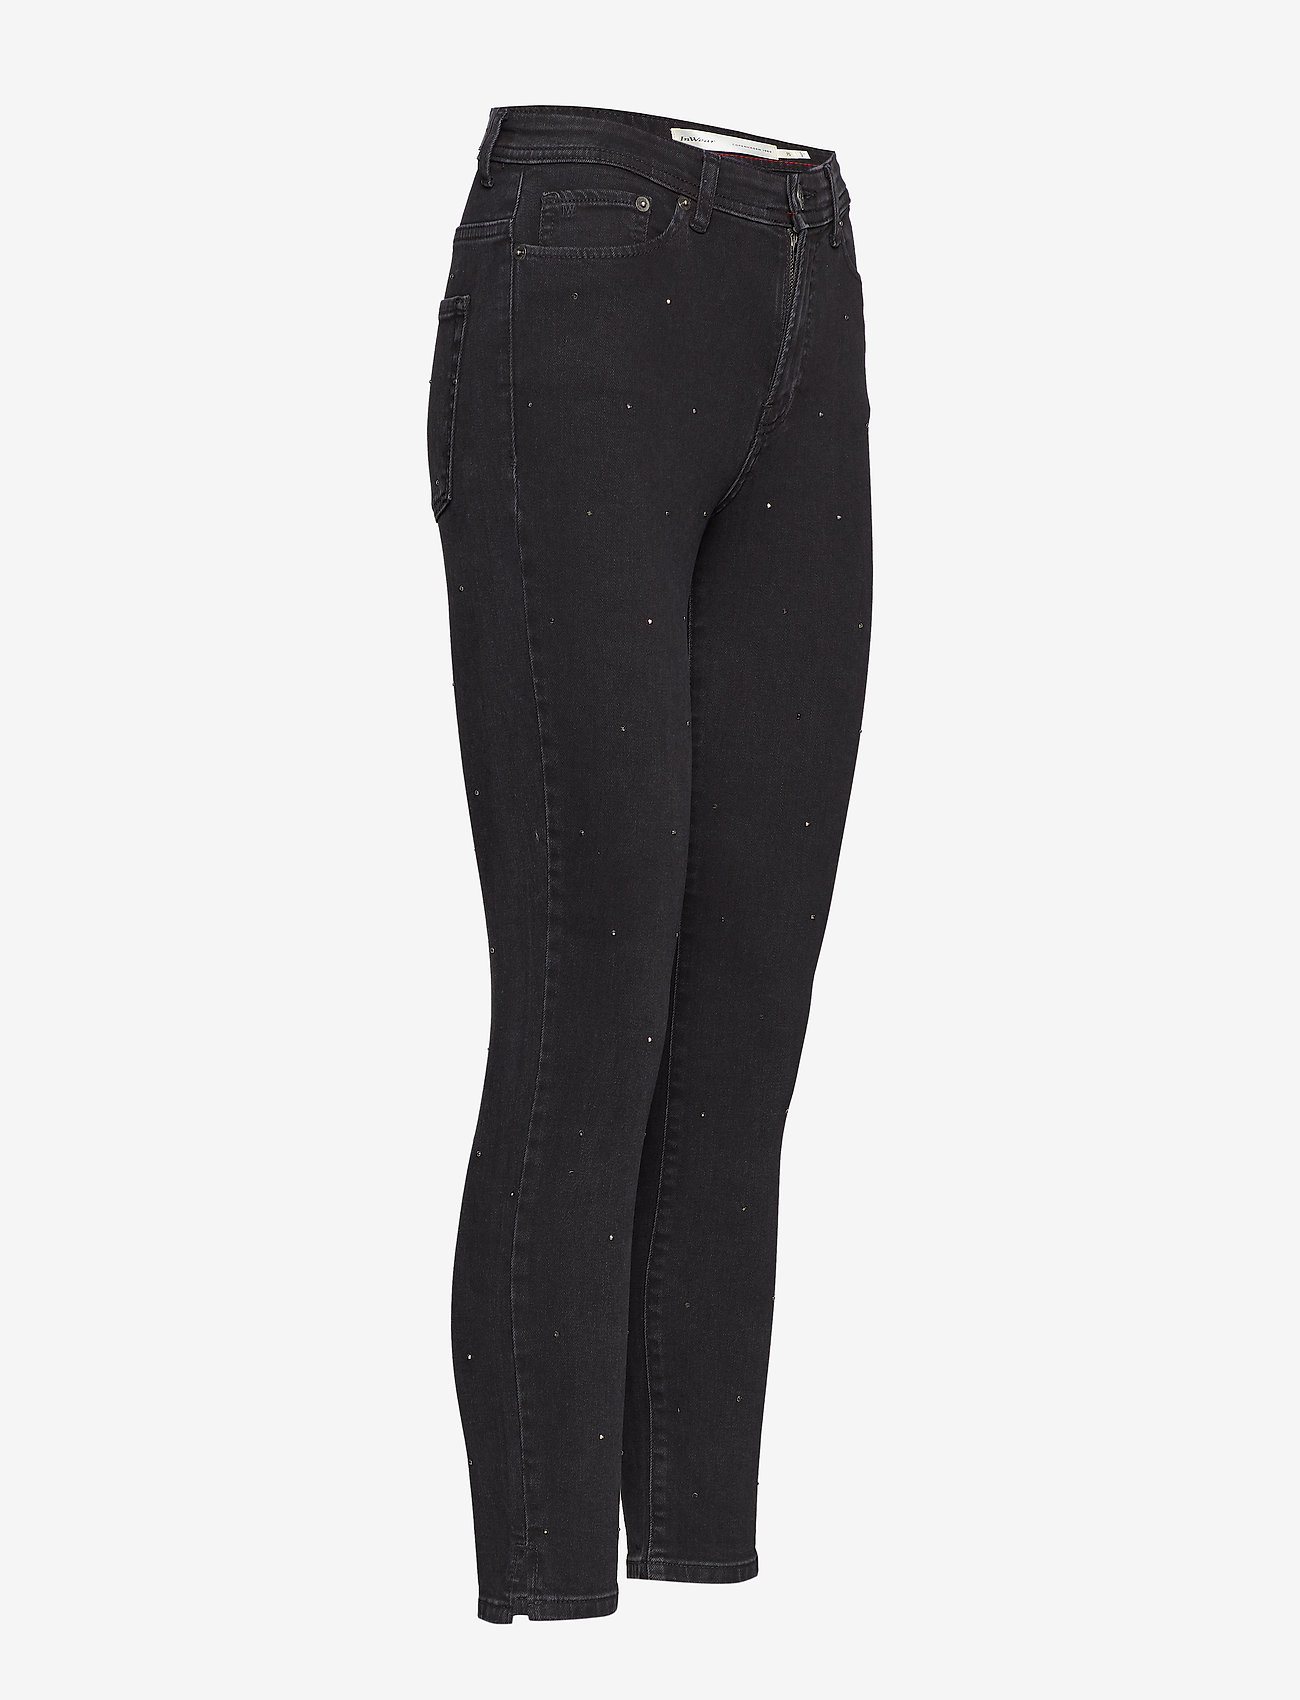 InWear Eliza Crystal Jeans - Dżinsy BLACK - Kobiety Odzież.